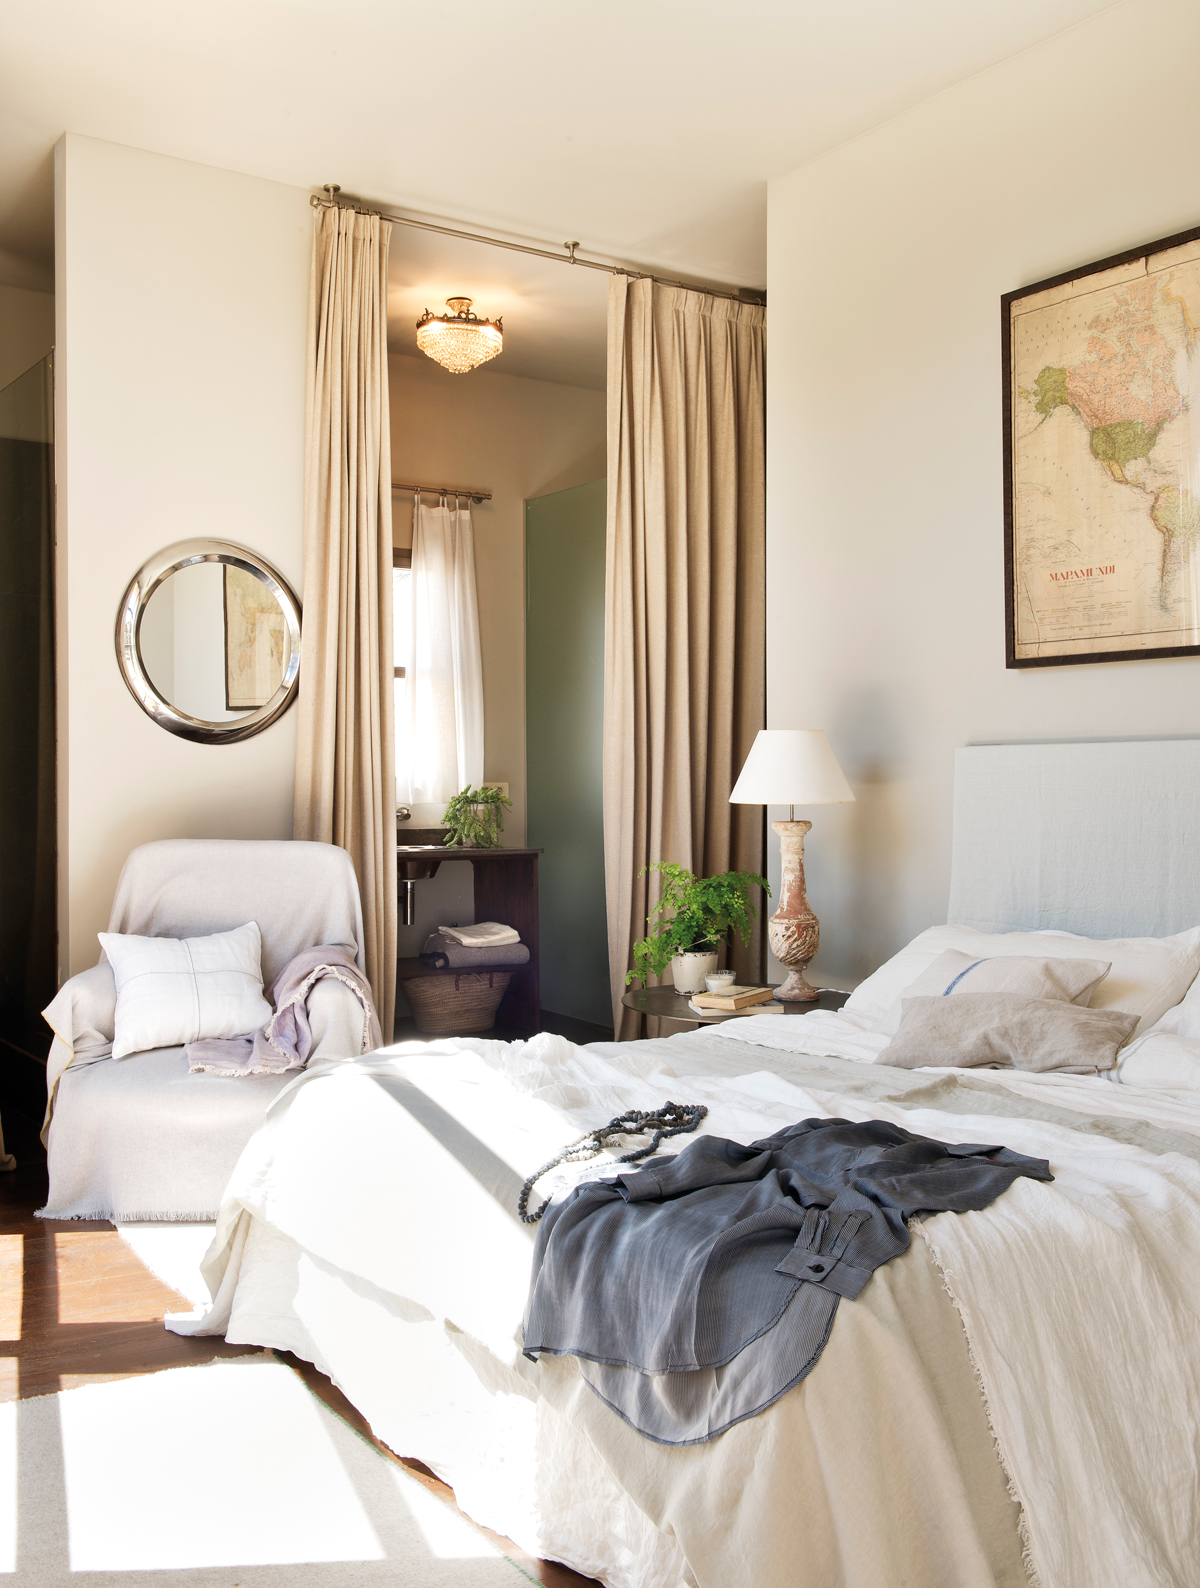 Dormitorios blancos dormitorios blancos dormitorio con - Dormitorios blancos ...